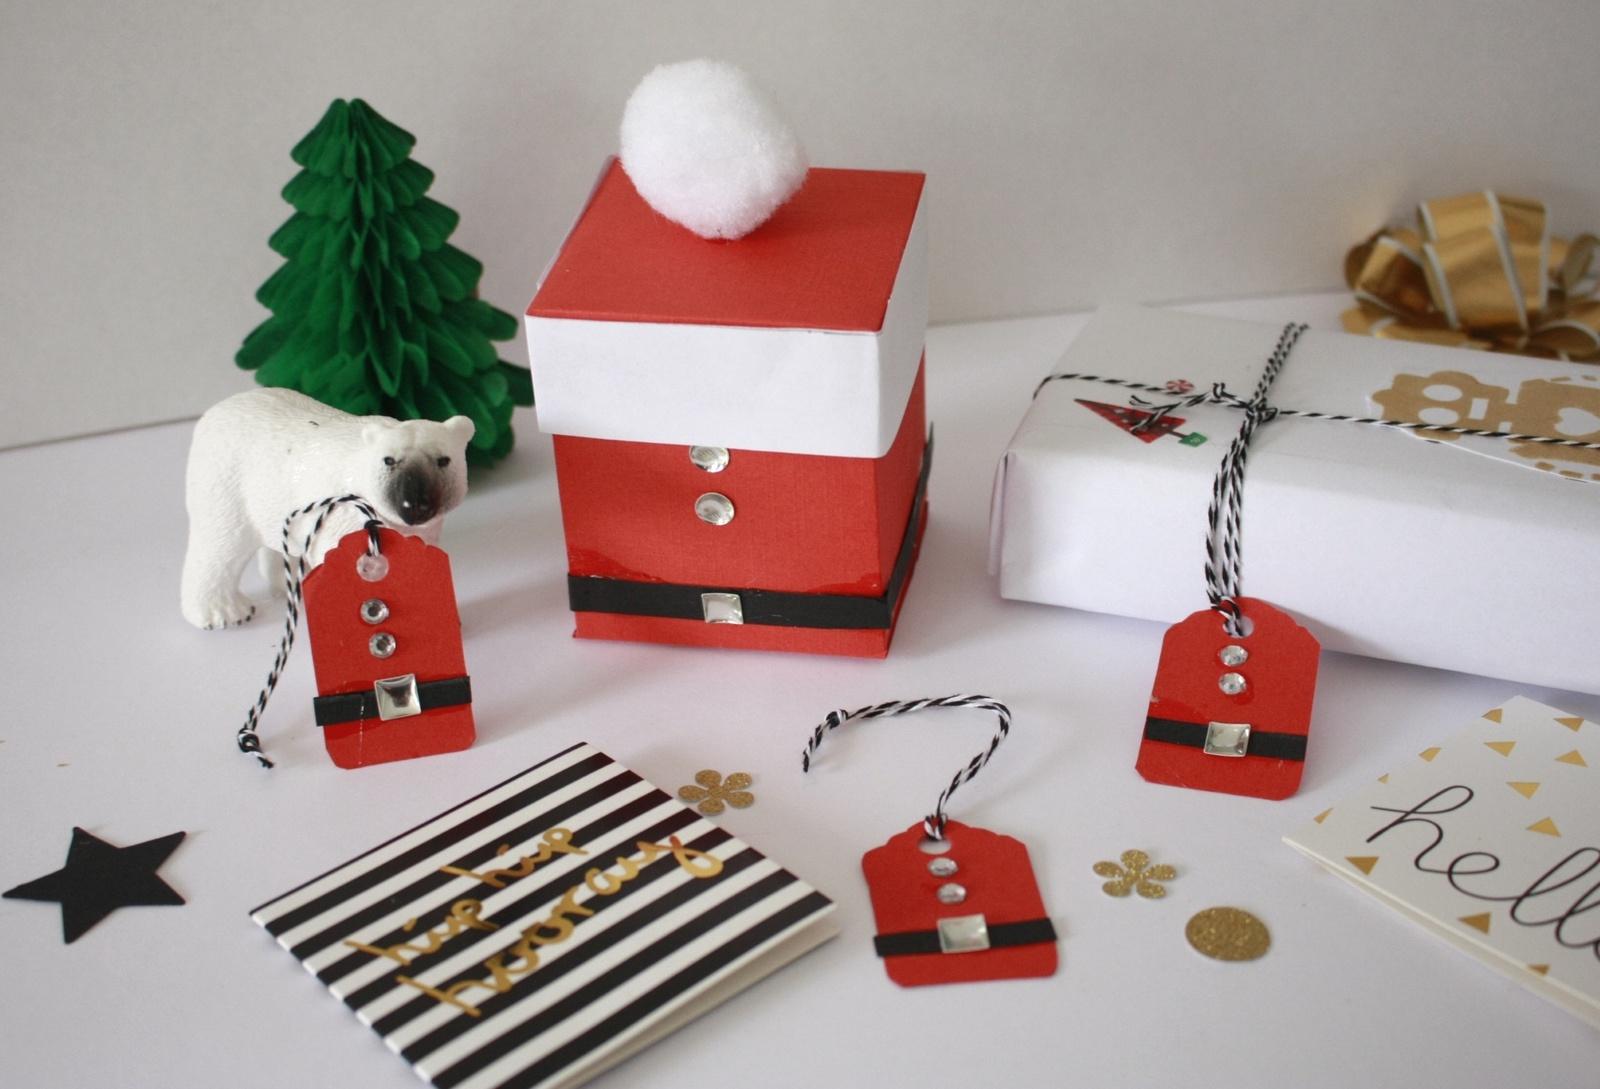 Réaliser De Petites Boîtes De Noël Ainsi Que Les Étiquettes encequiconcerne Boite De Noel A Imprimer